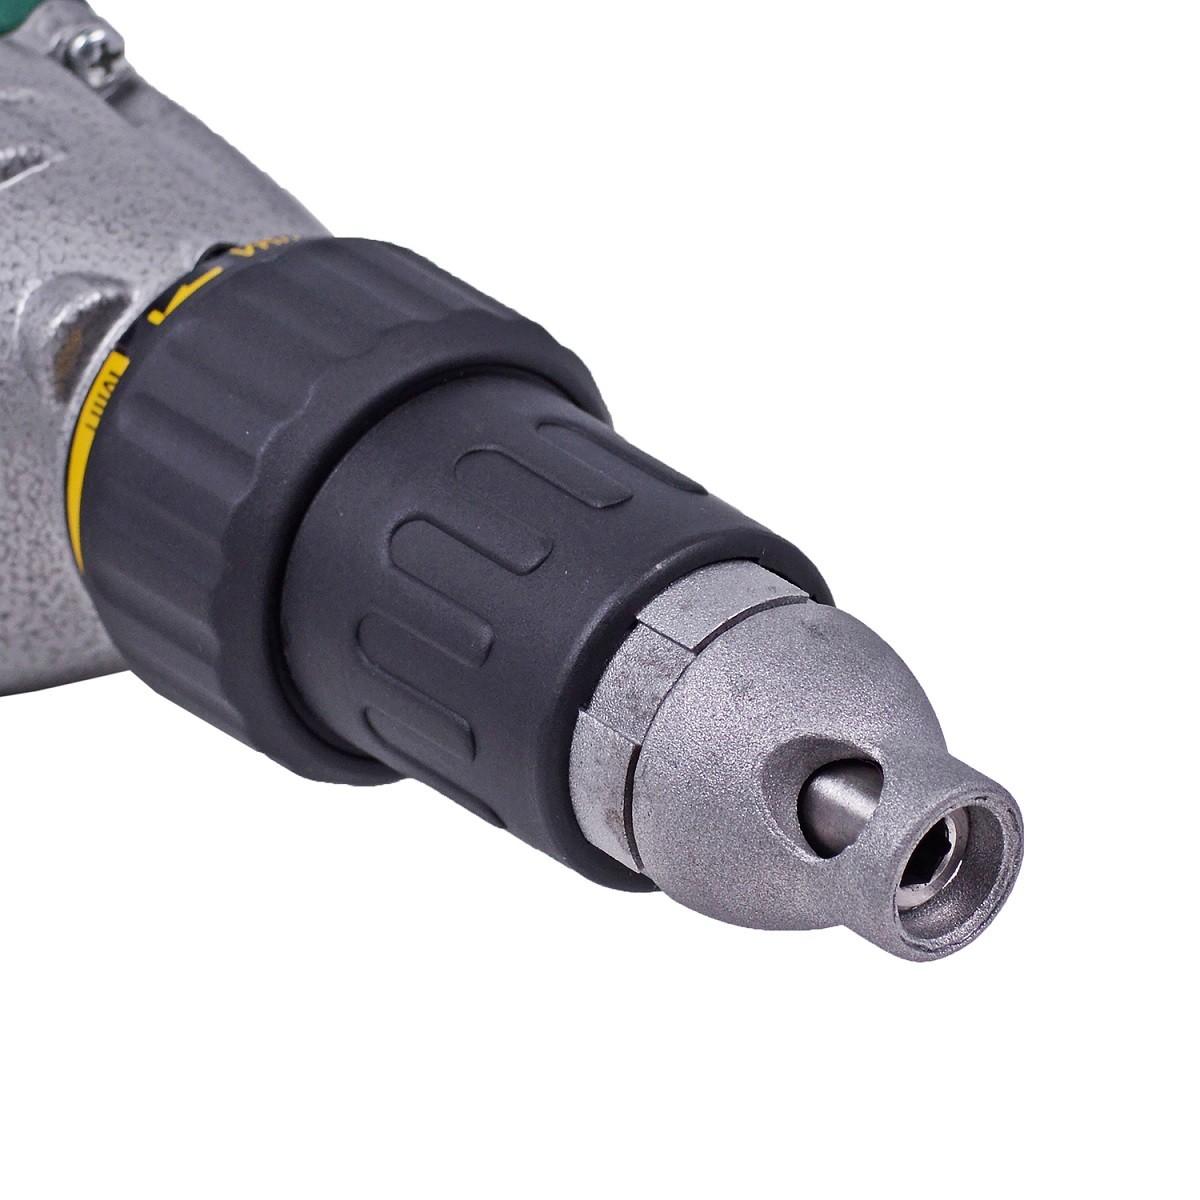 Parafusadeira Elétrica 550w Encaixe 1/4 - DWT